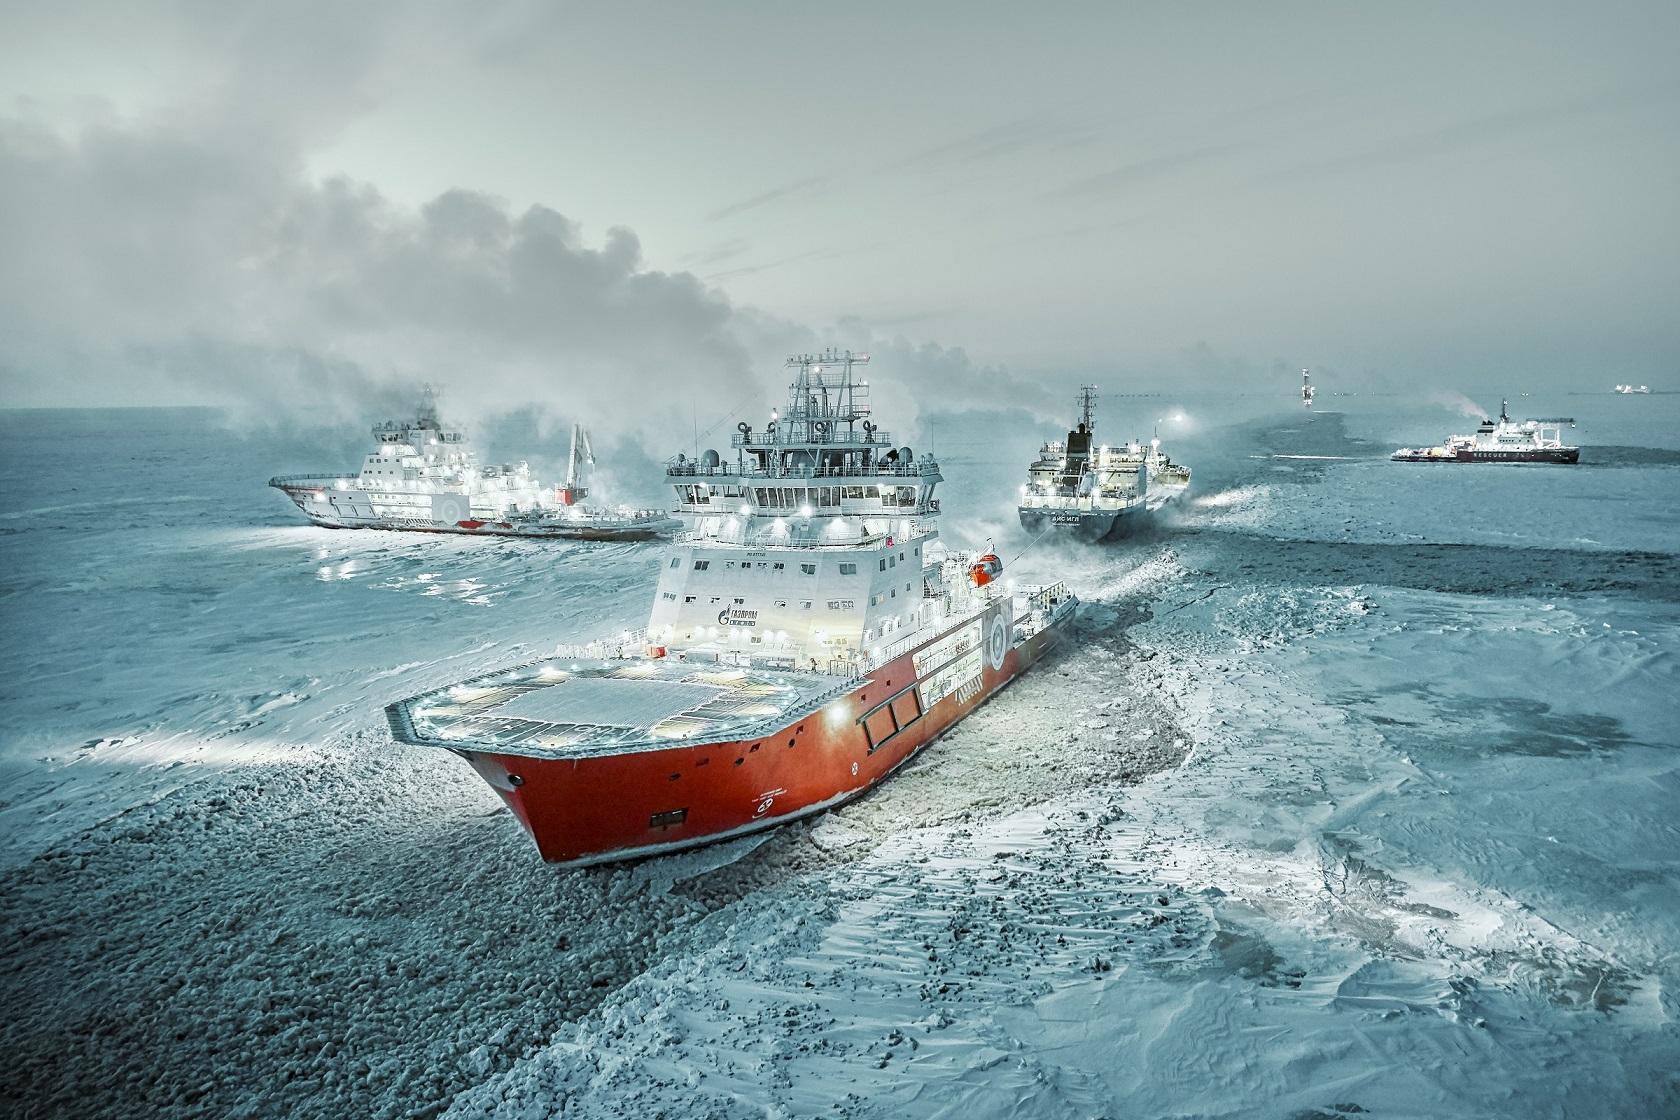 Экипаж ледокола 'Александр Санников' спас людей со льдины